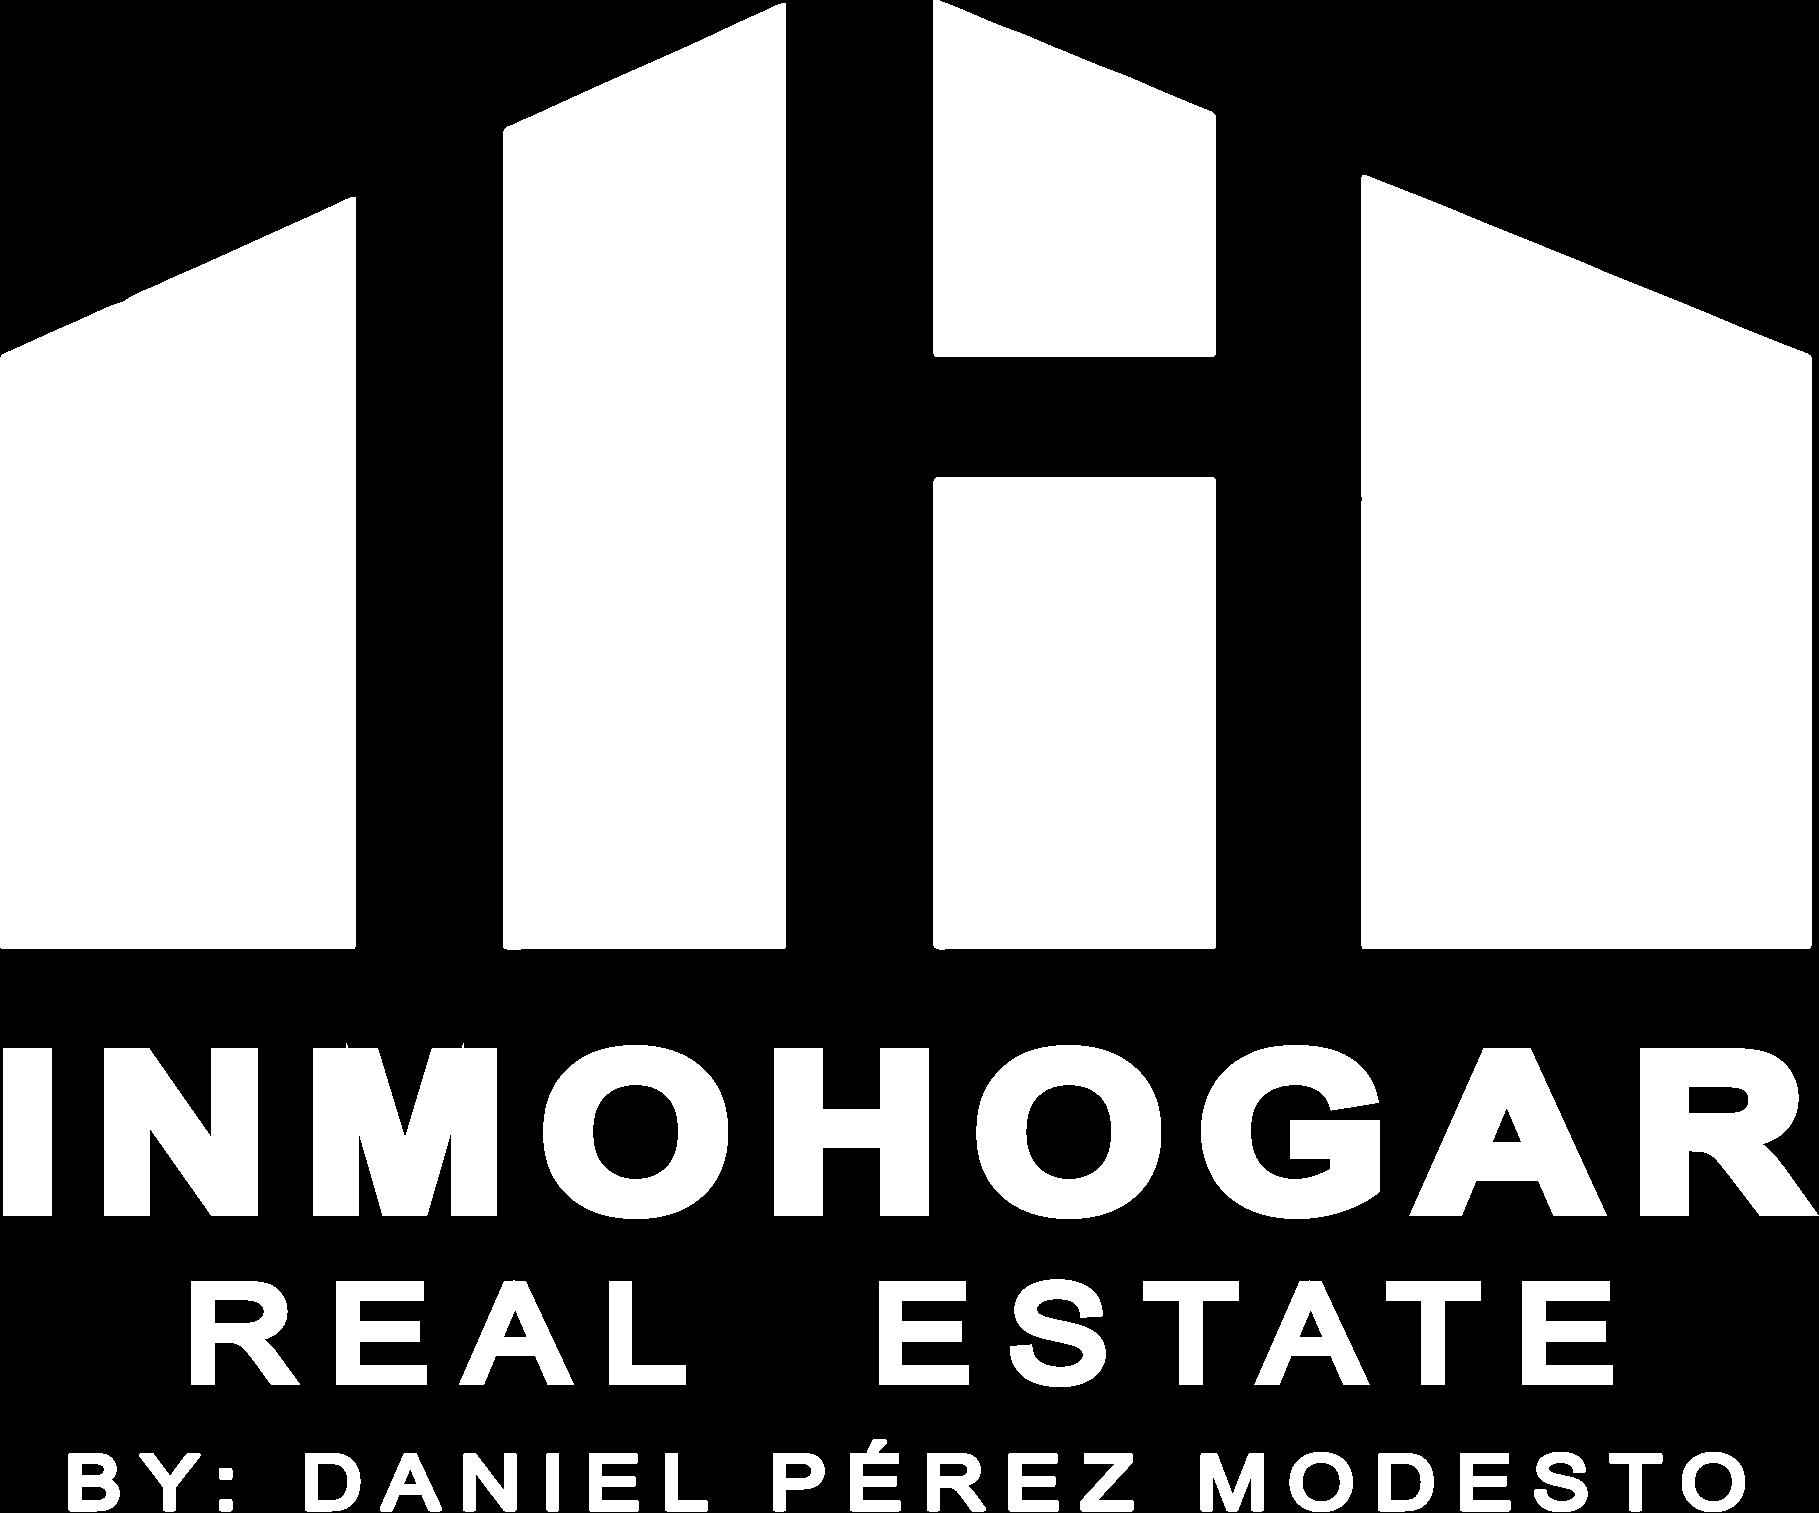 INMOHOGAR_LOGO_BLANCO.png